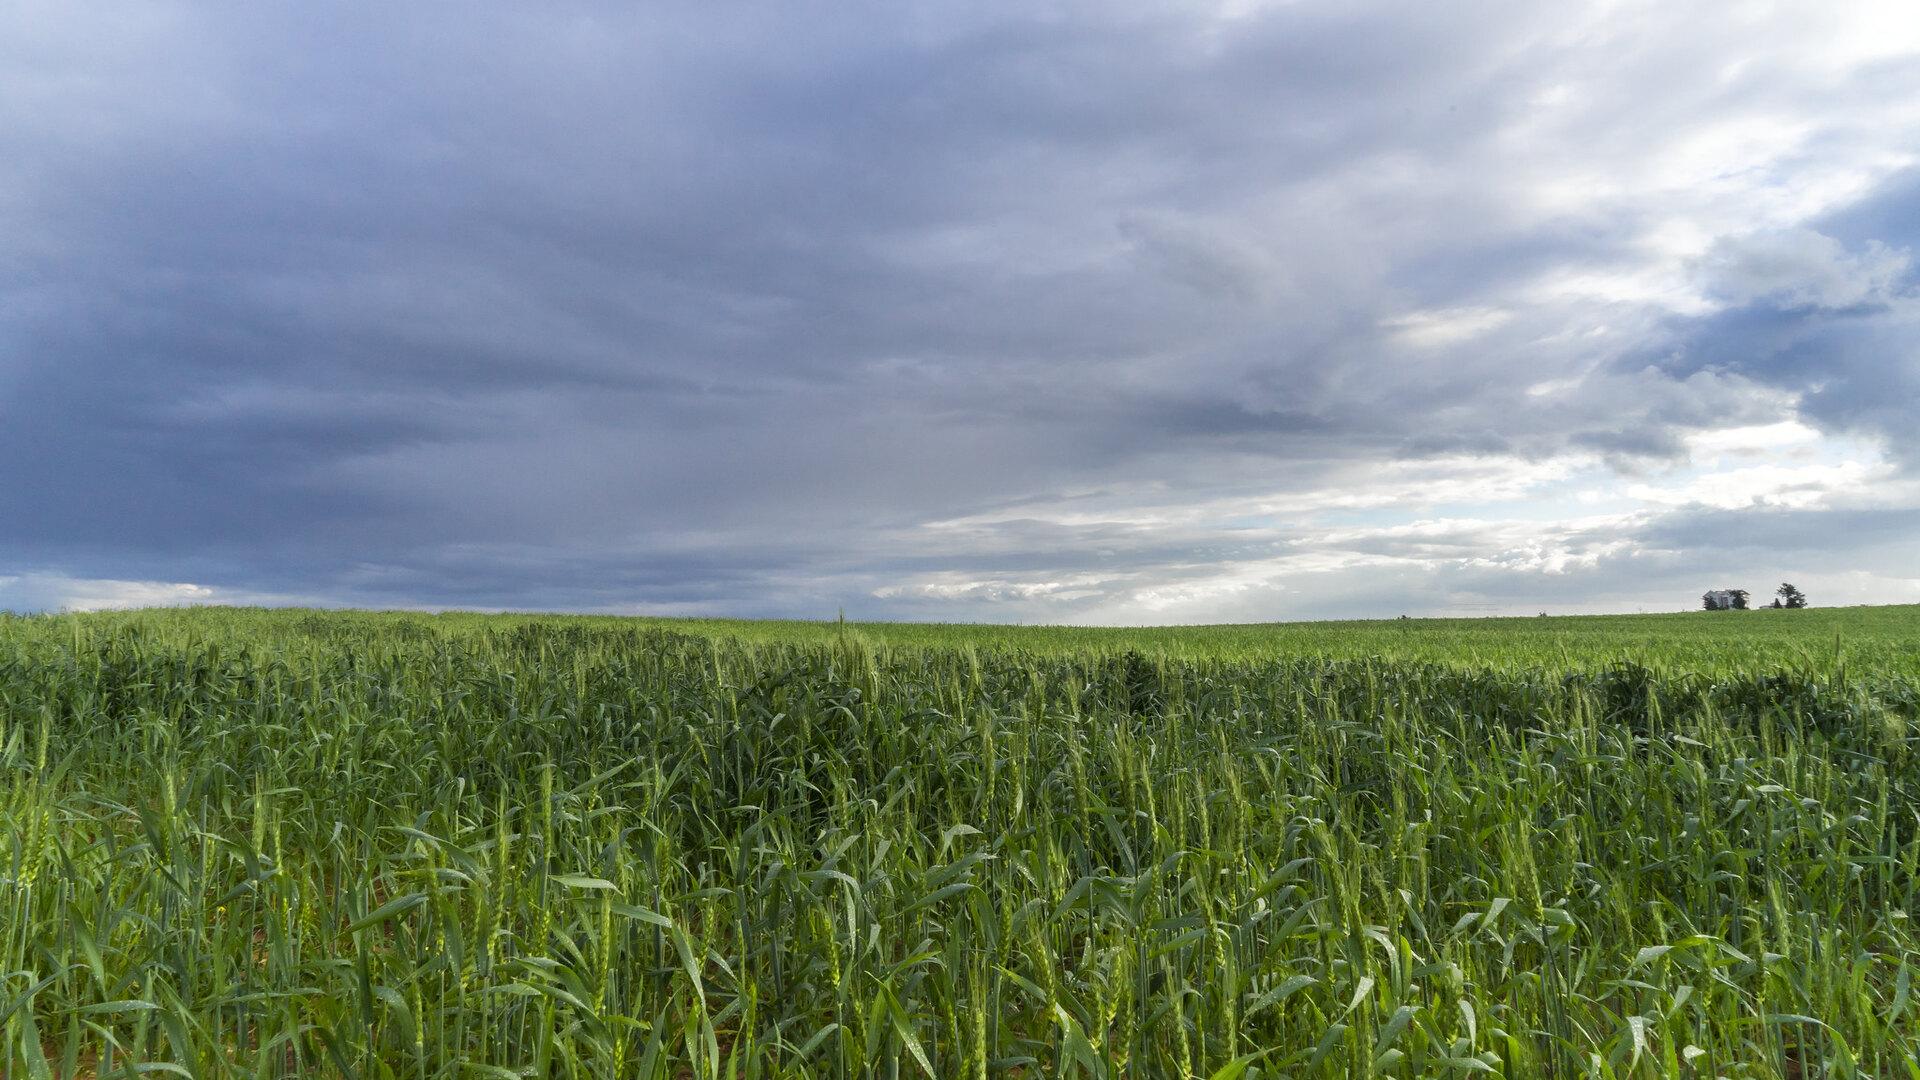 General 1920x1080 nature landscape sky clouds field wheat